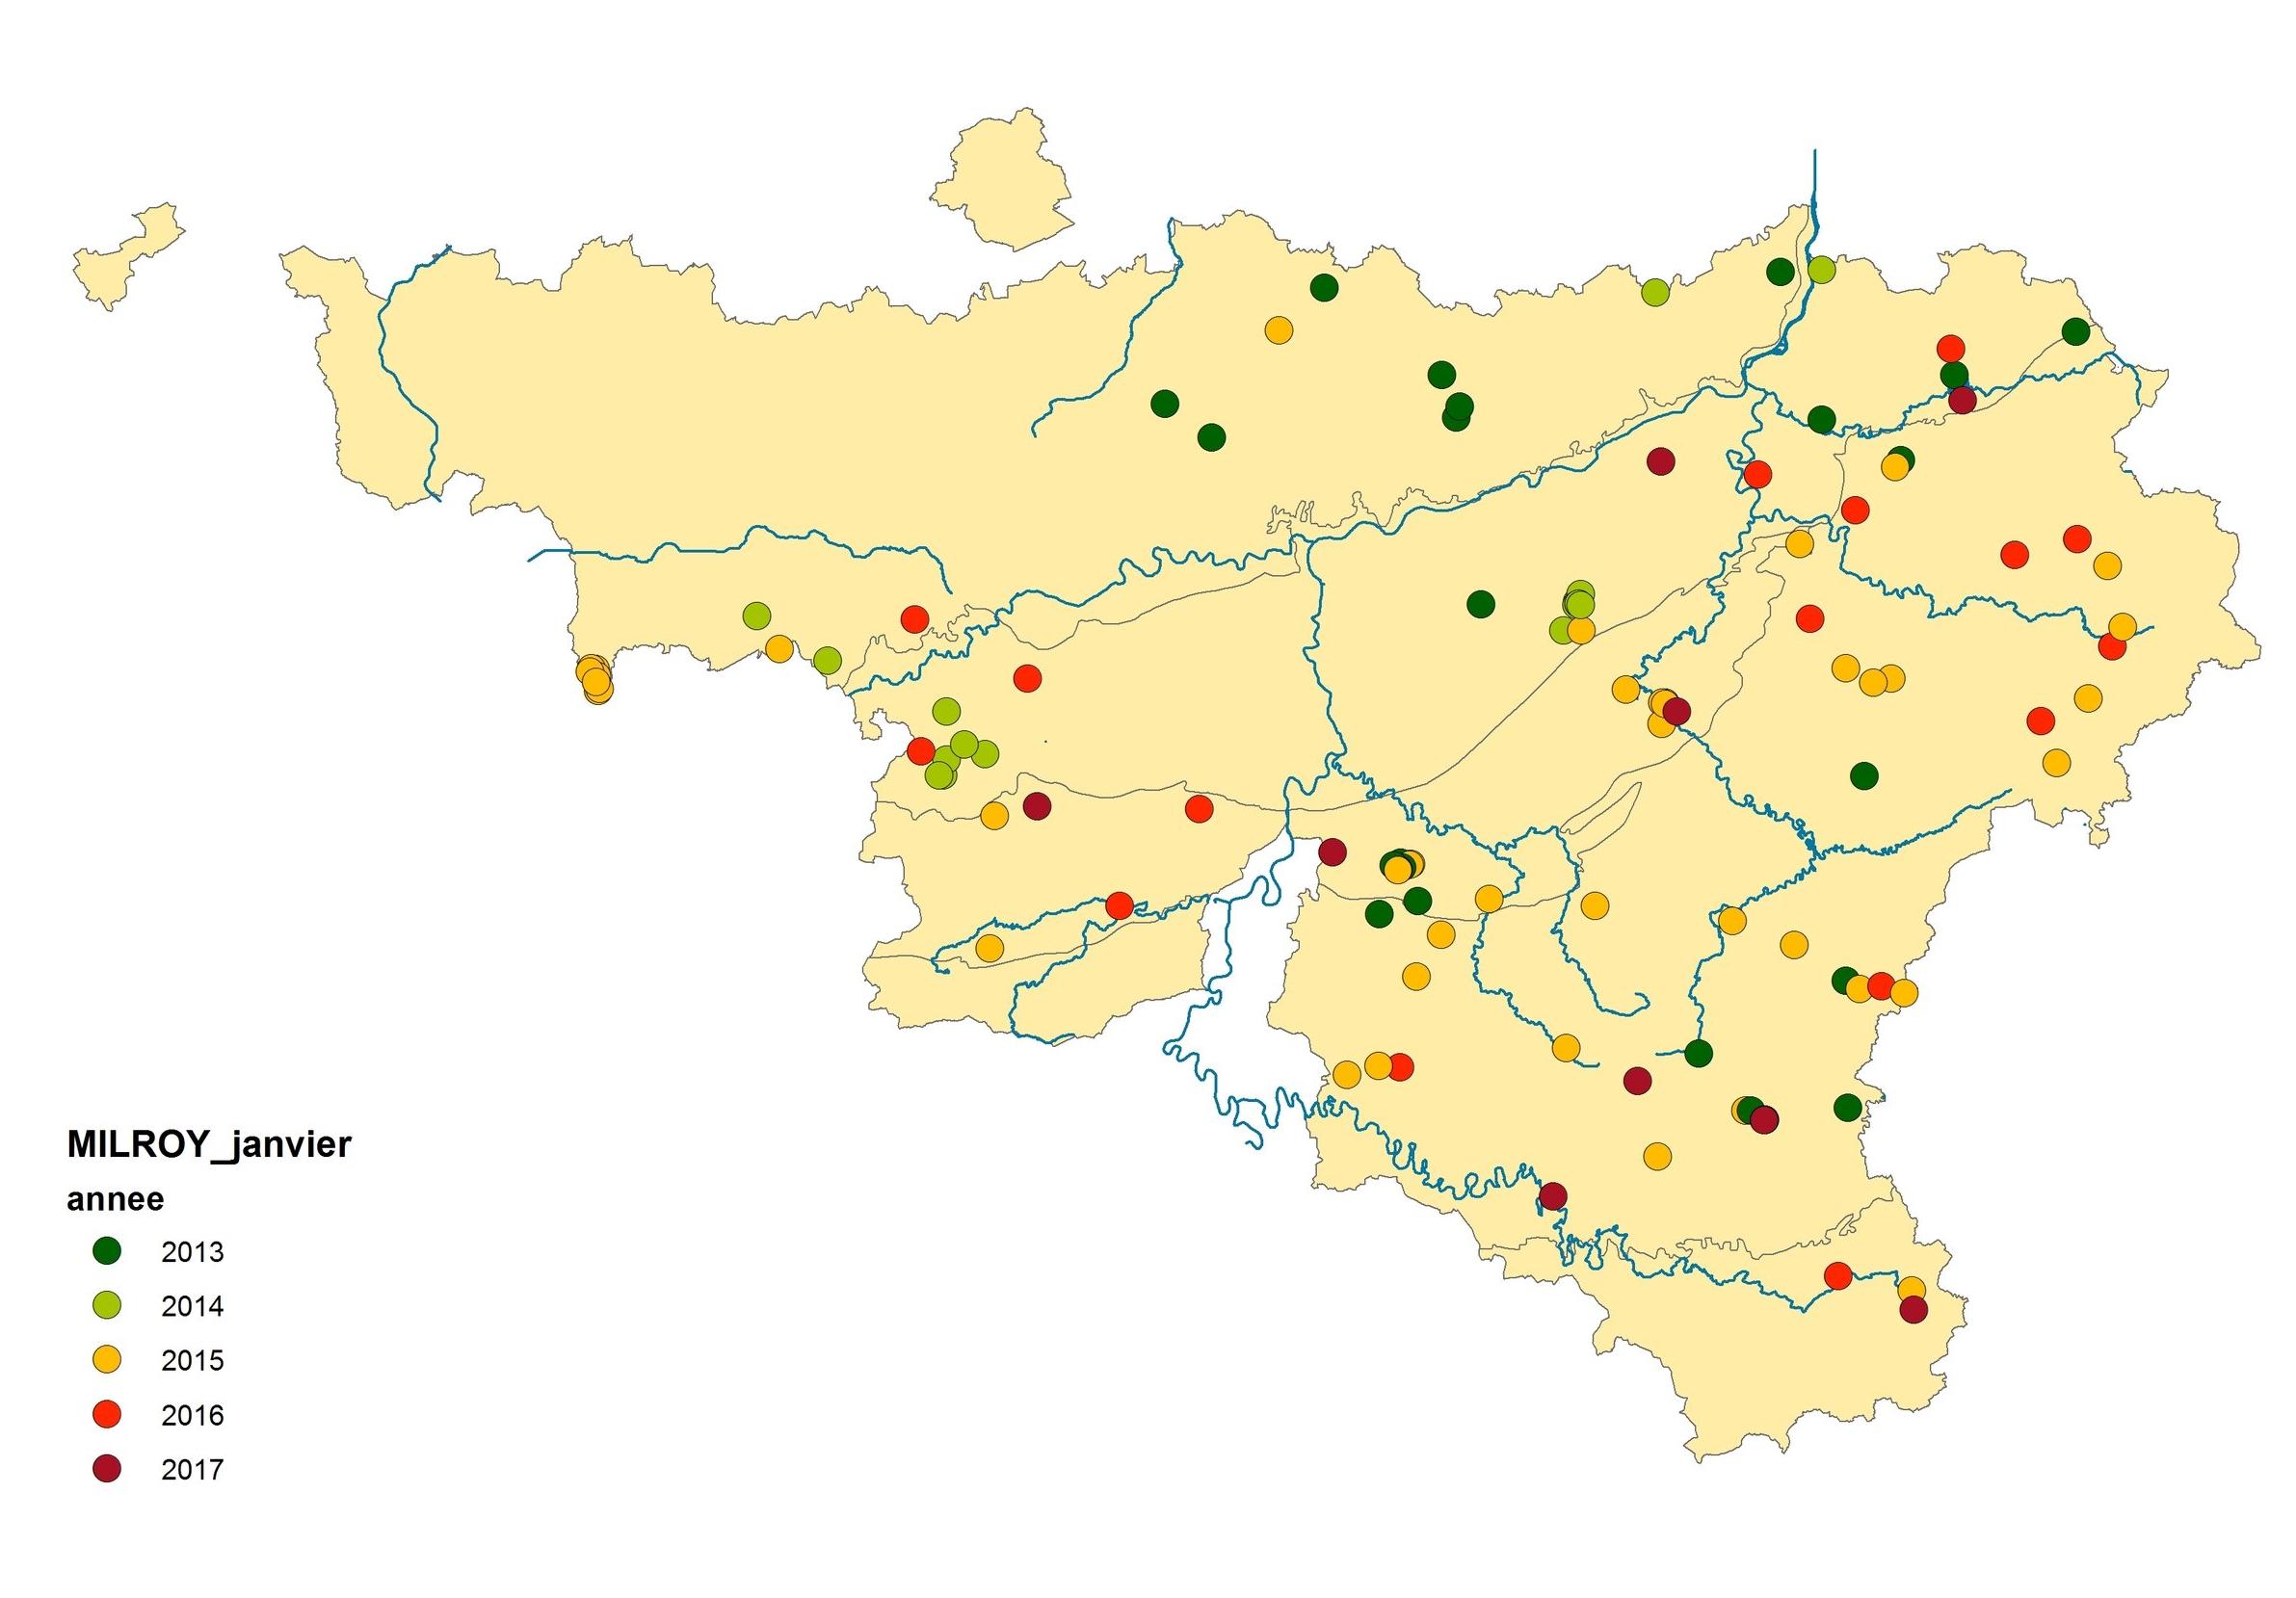 Figure 2 : Carte des observations de janvier de 2013 à 2017 en Wallonie. Les régions à caractère herbager de Haute-Belgique concentrent la plupart des observations